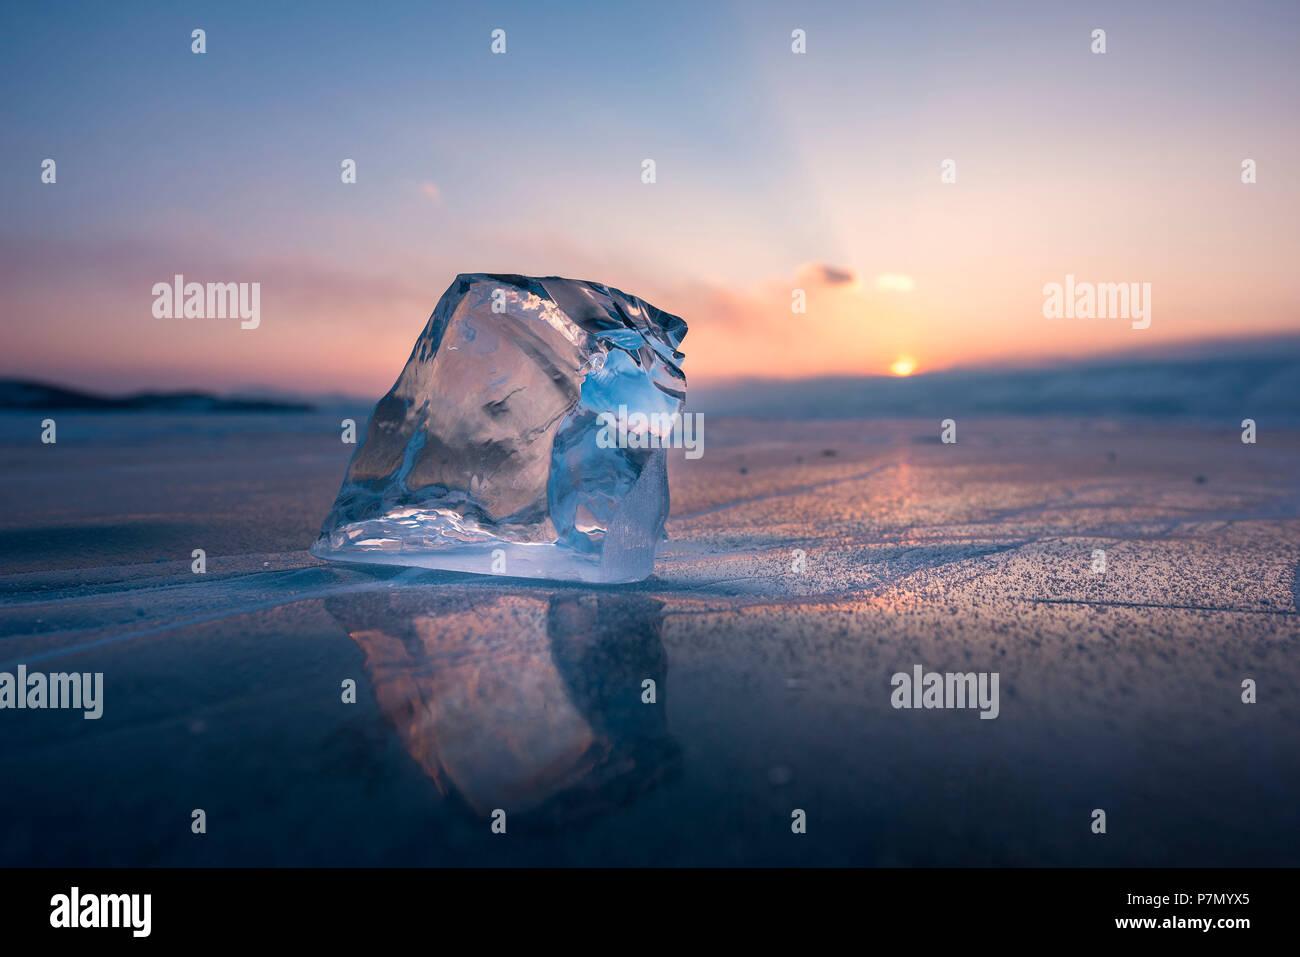 A cube of ice on the flat frosen lake at sunset, Baikal, Irkutsk region, Siberia, Russia - Stock Image